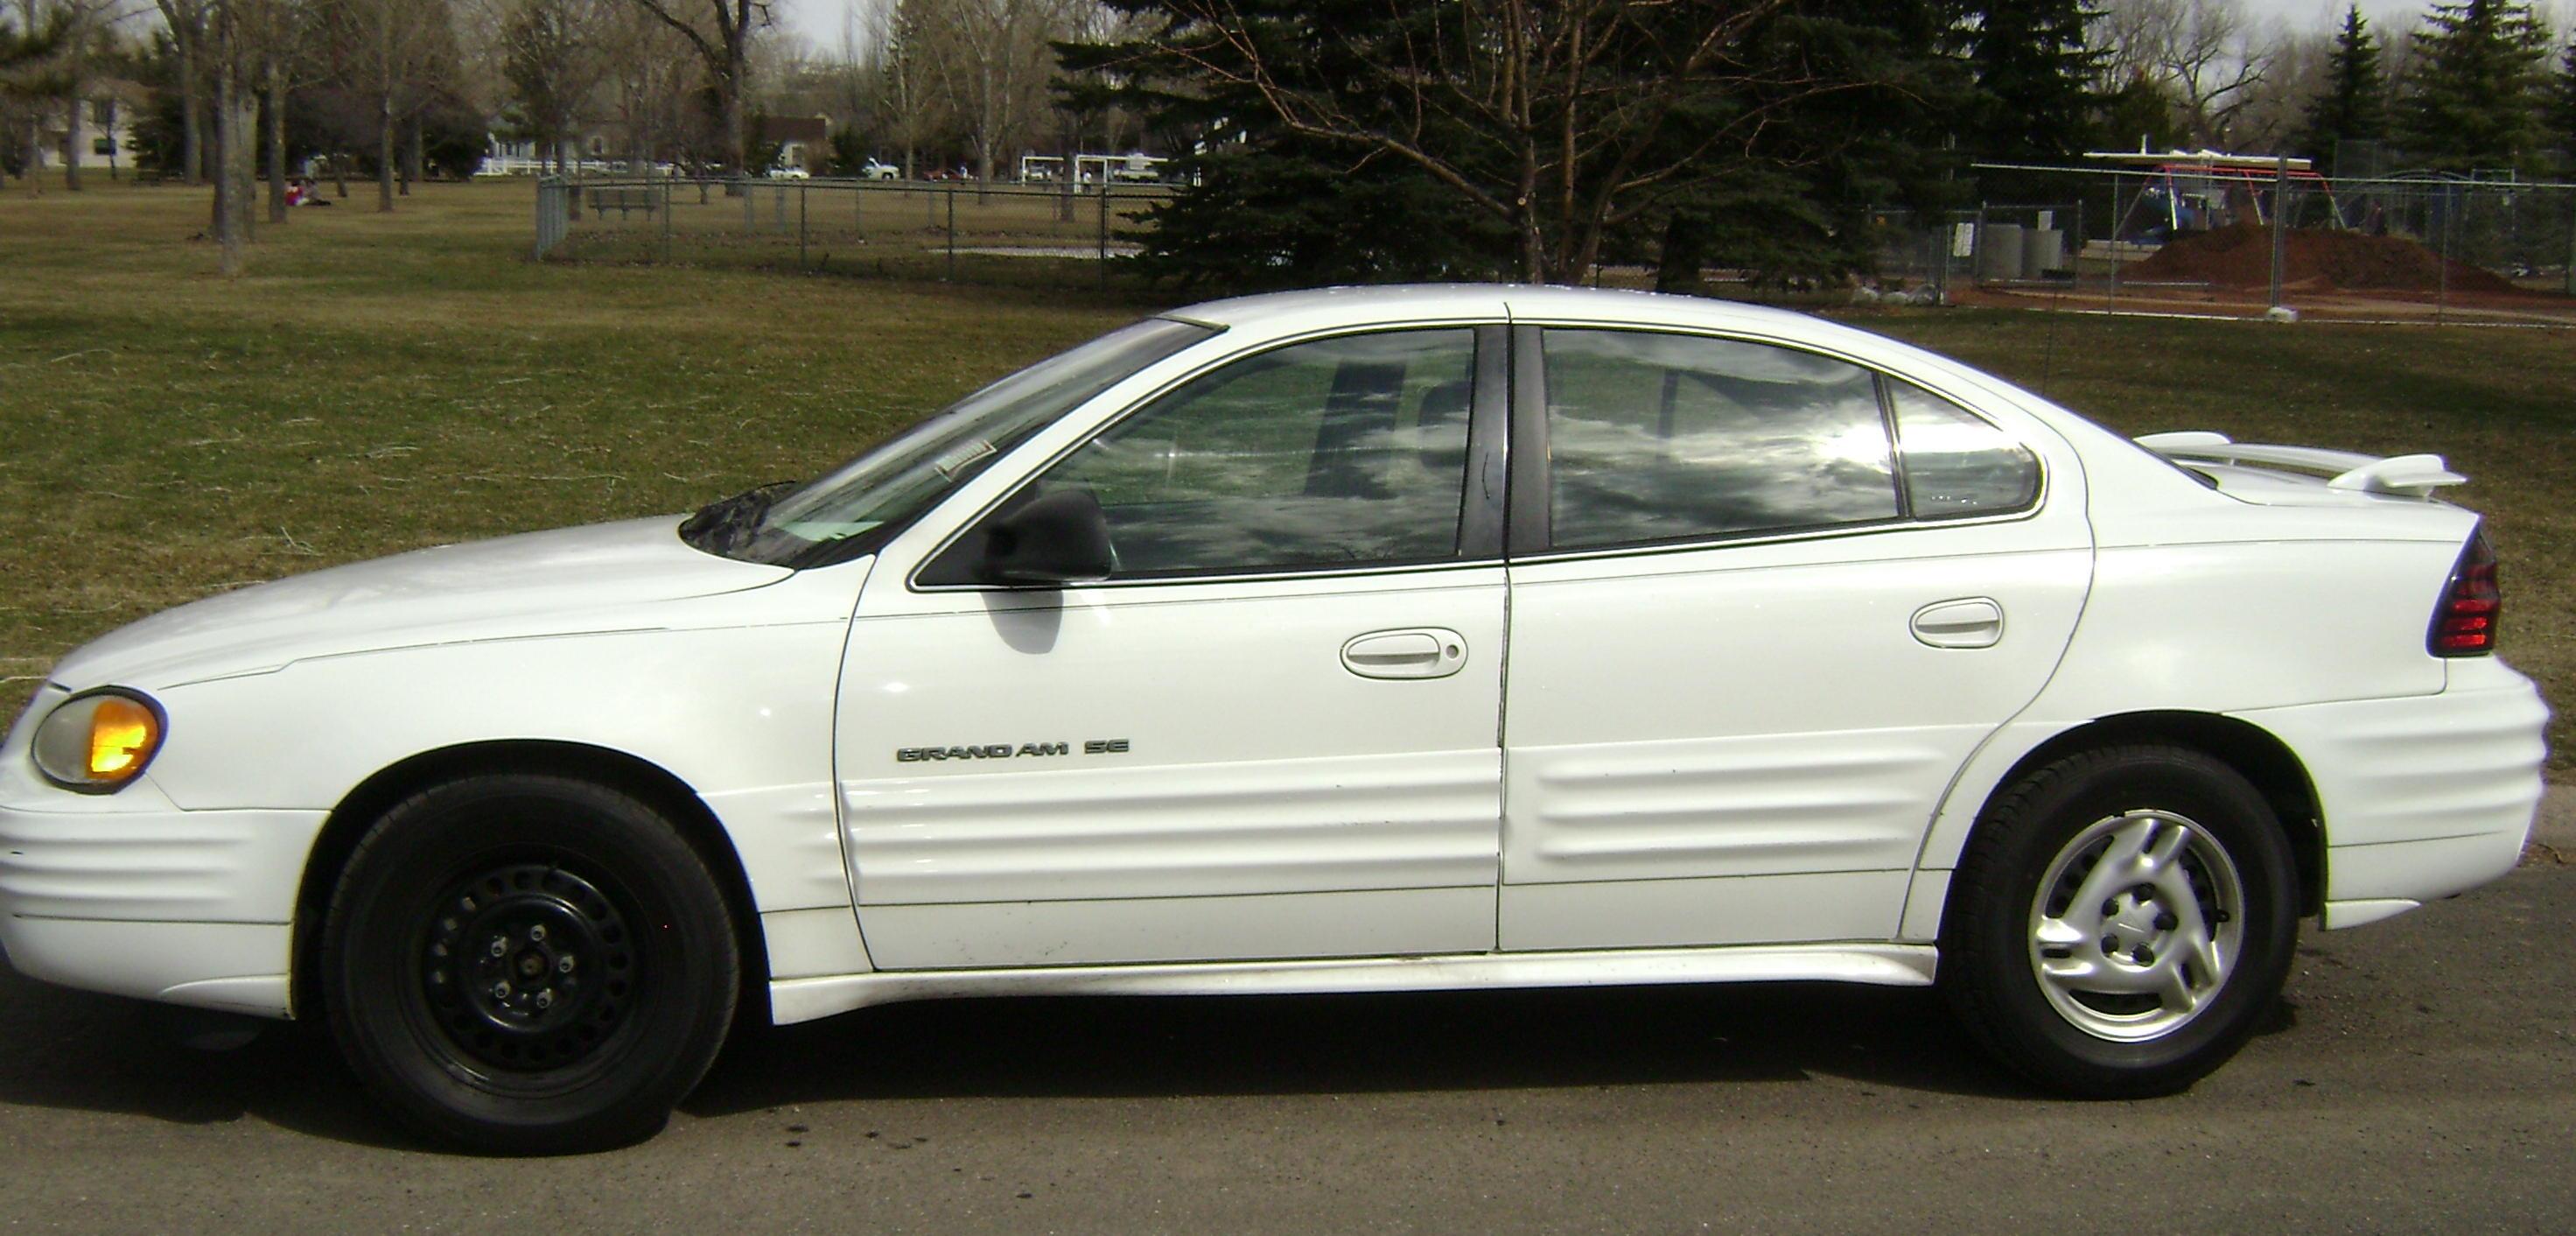 Pontiac Grand Am 11